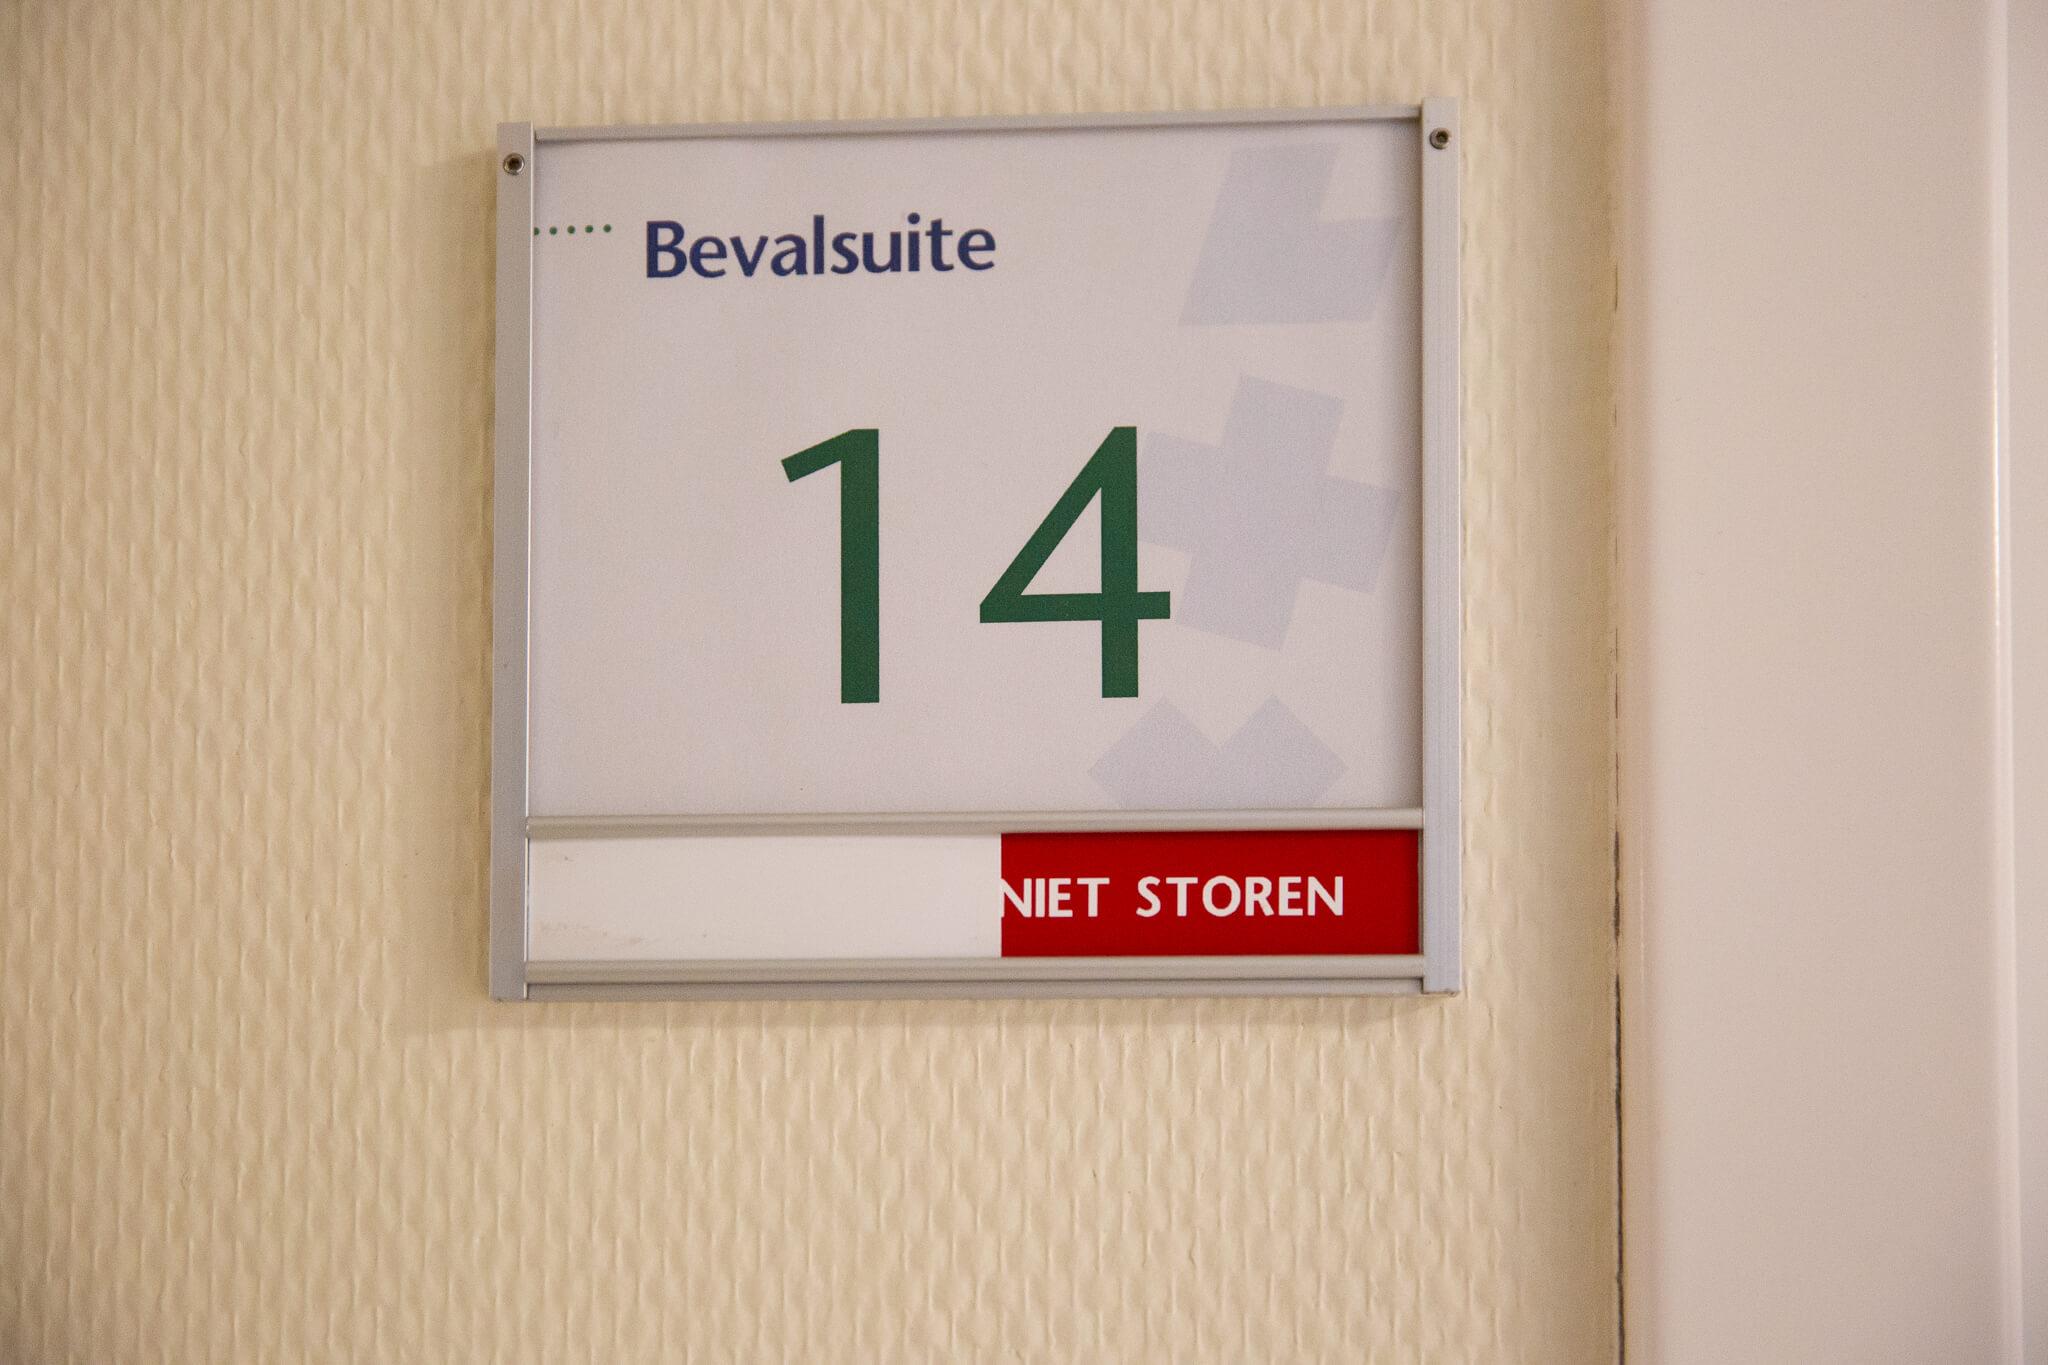 Geboortereportage Amsterdam OLVG West